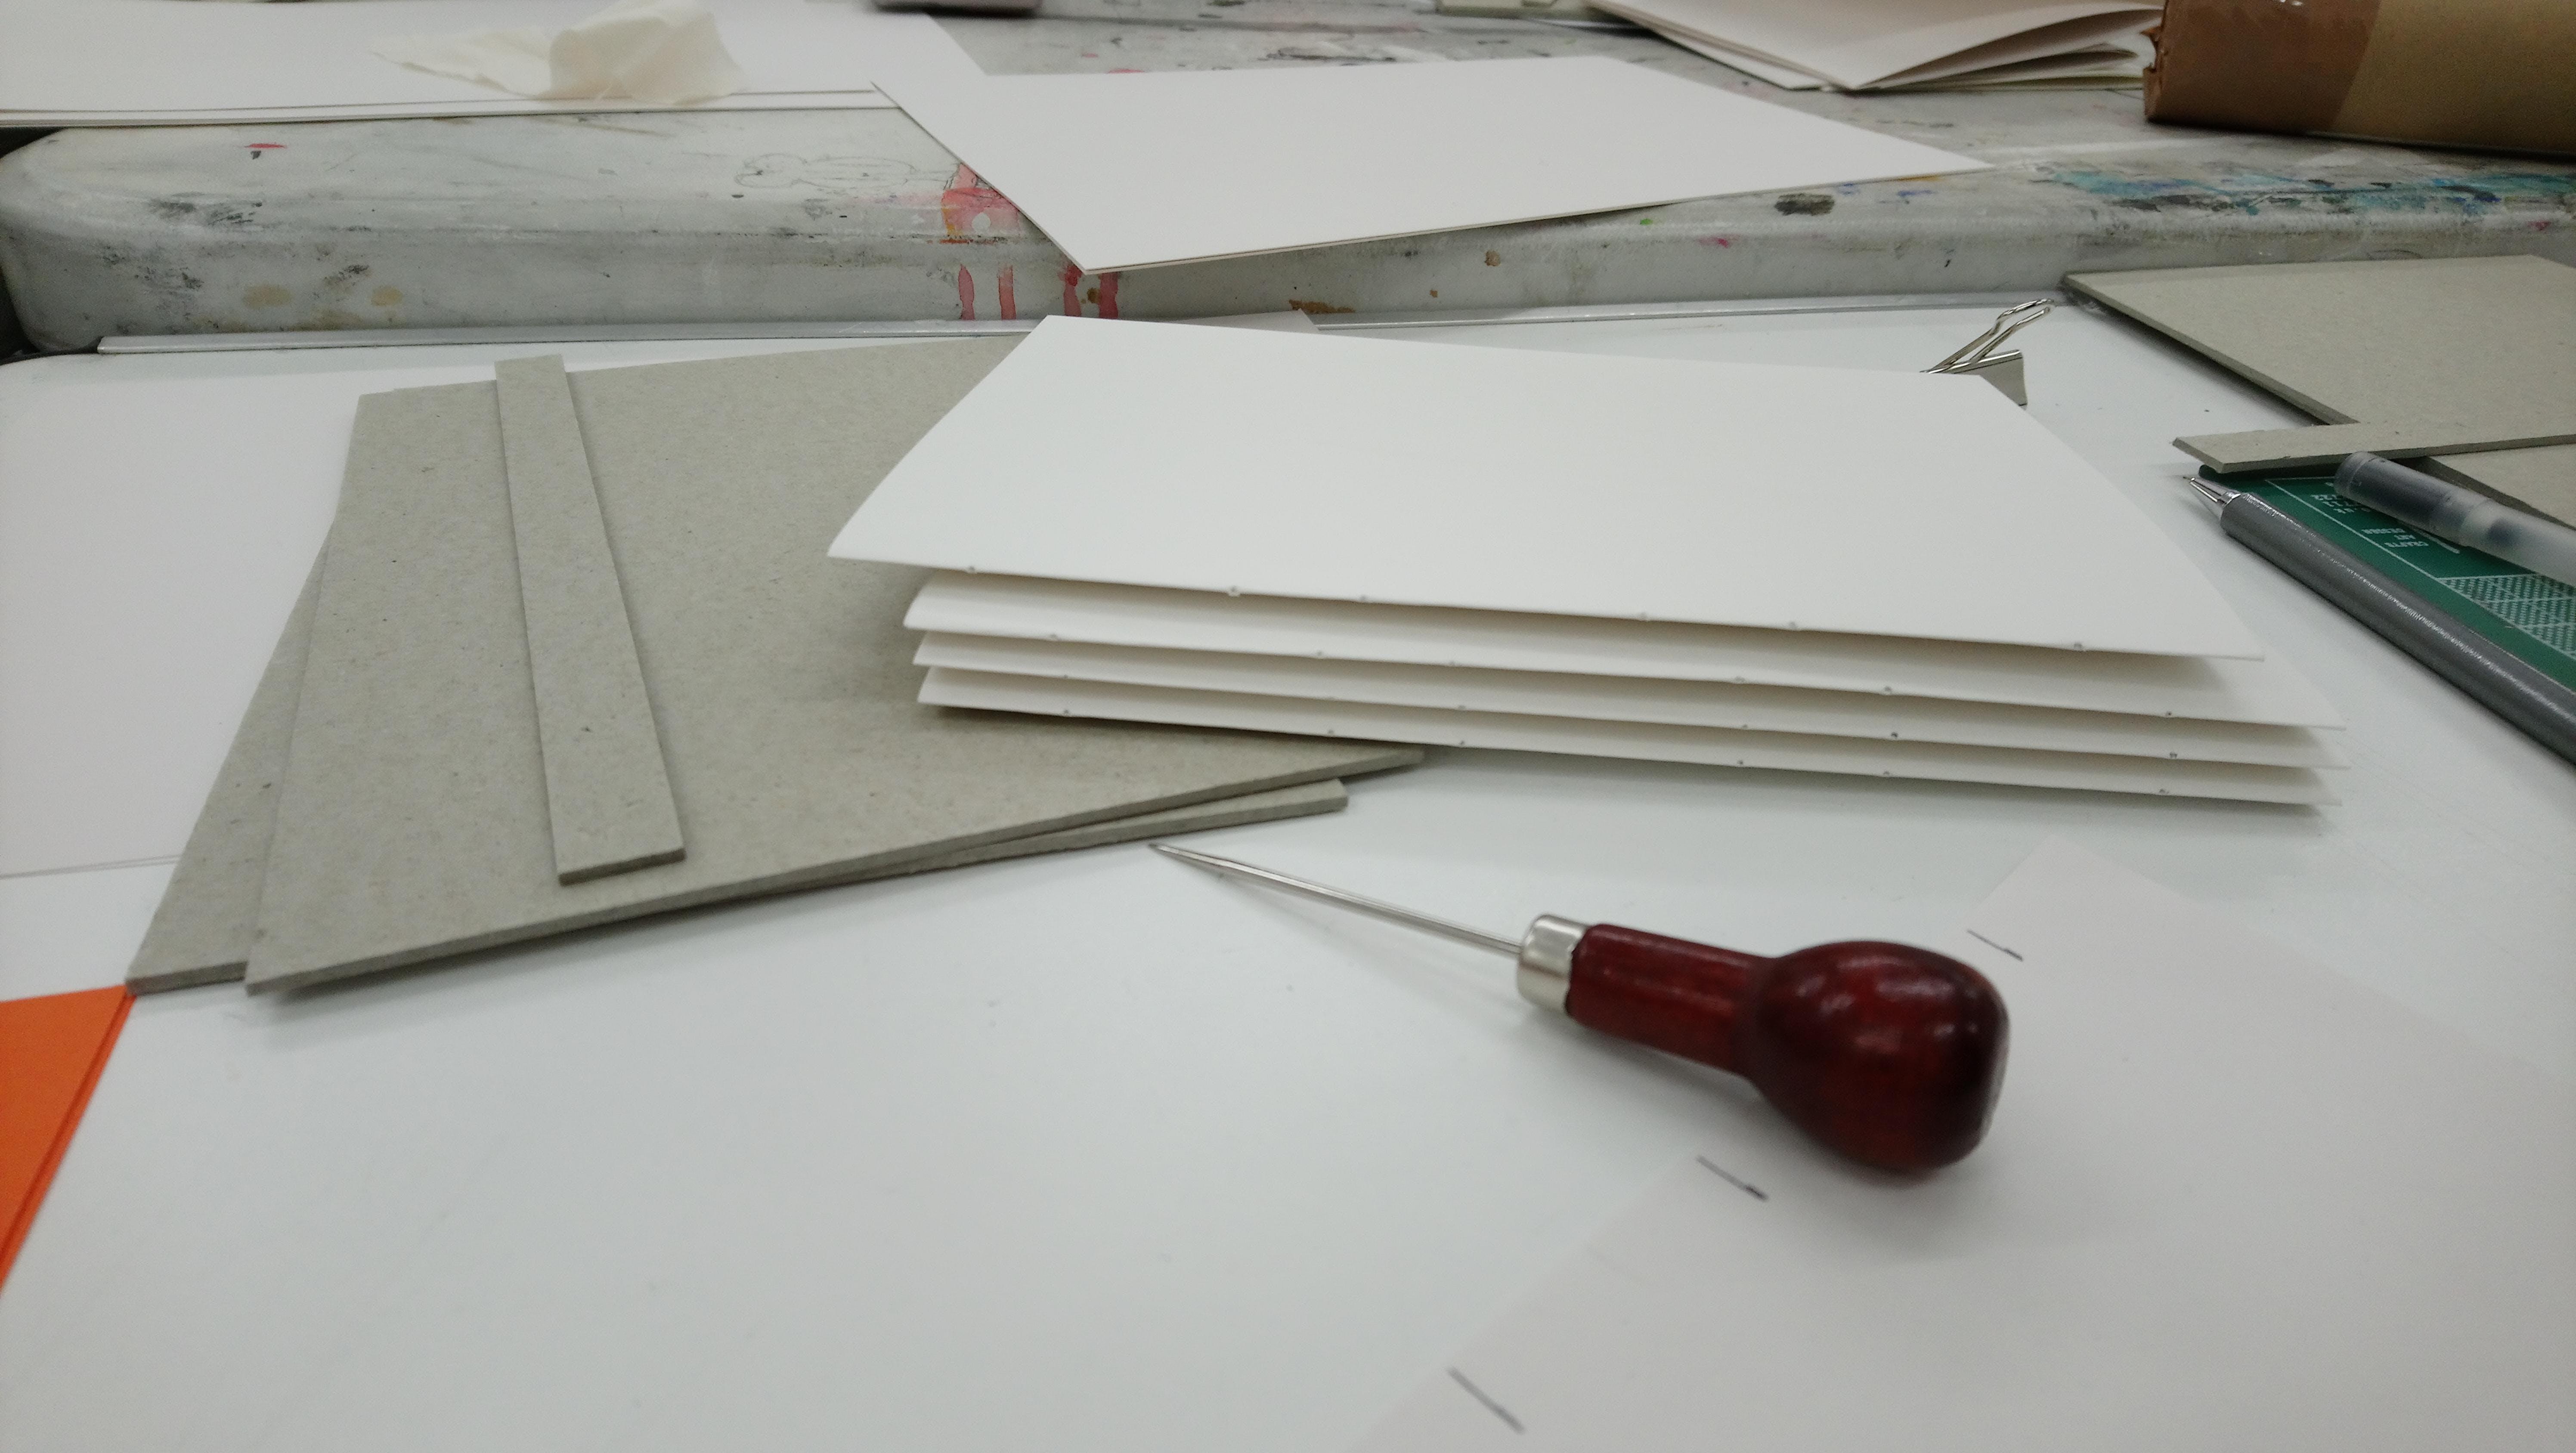 Make your own sketchbook